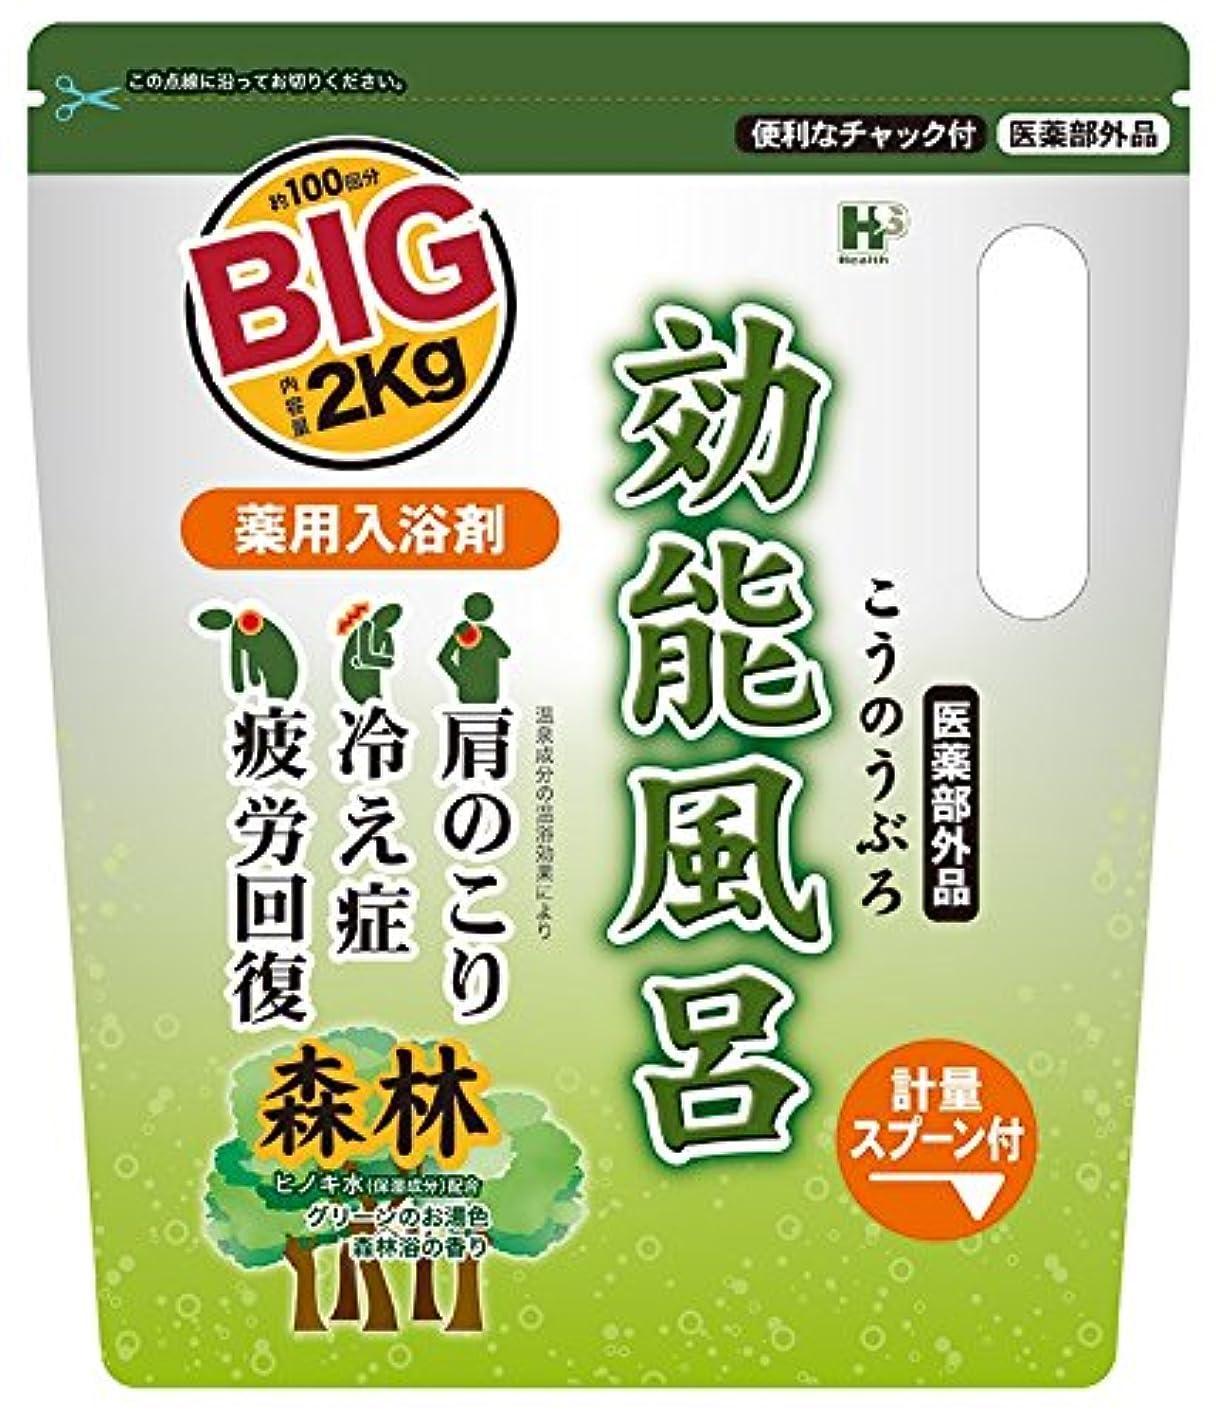 出来事海洋証言薬用入浴剤 効能風呂 森林の香り BIGサイズ 2kg [医薬部外品]